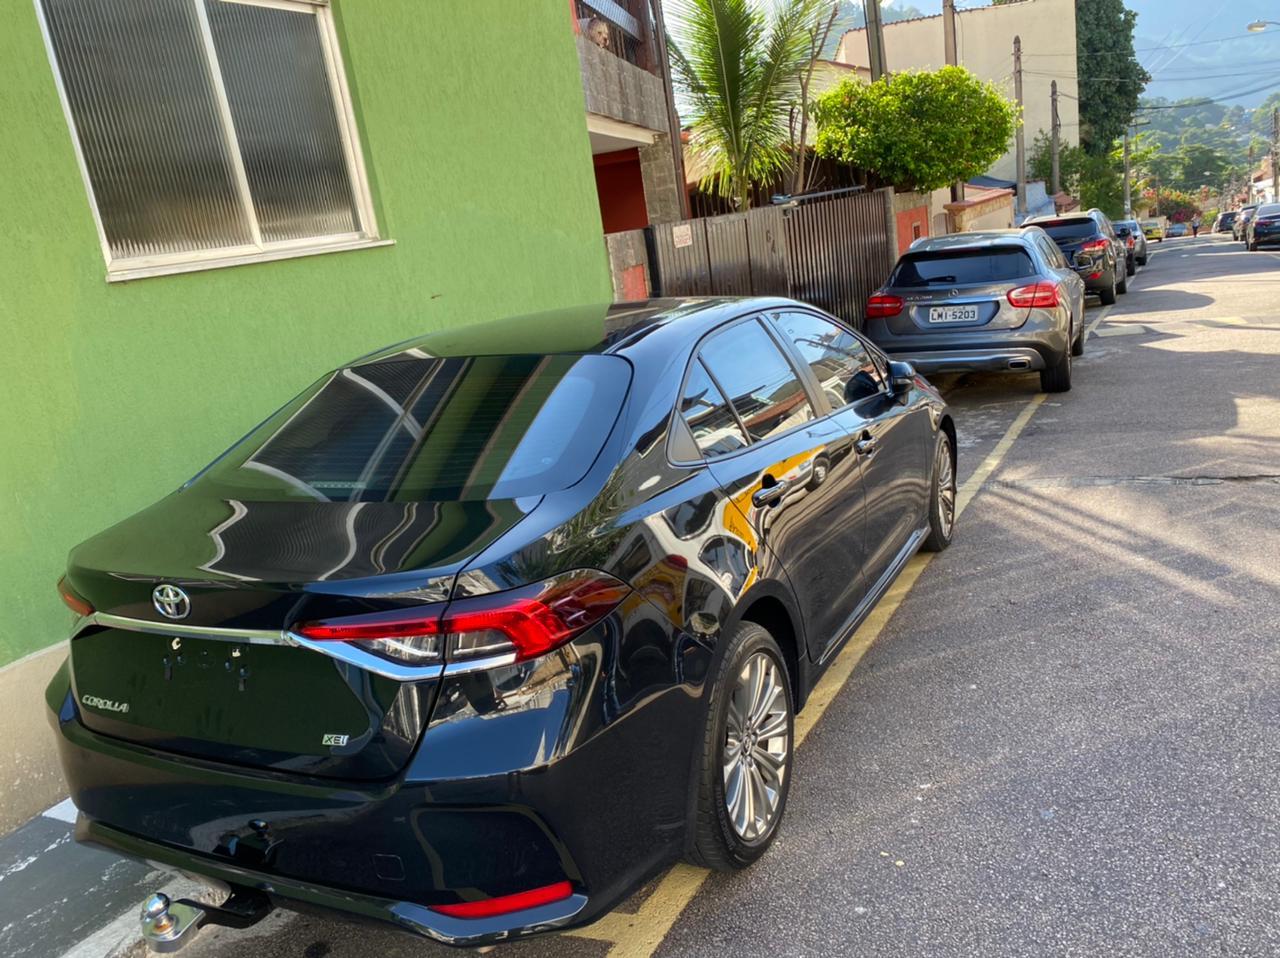 Carros estacionados em frente à casa dos suspeitos de envolvimento com o milicia